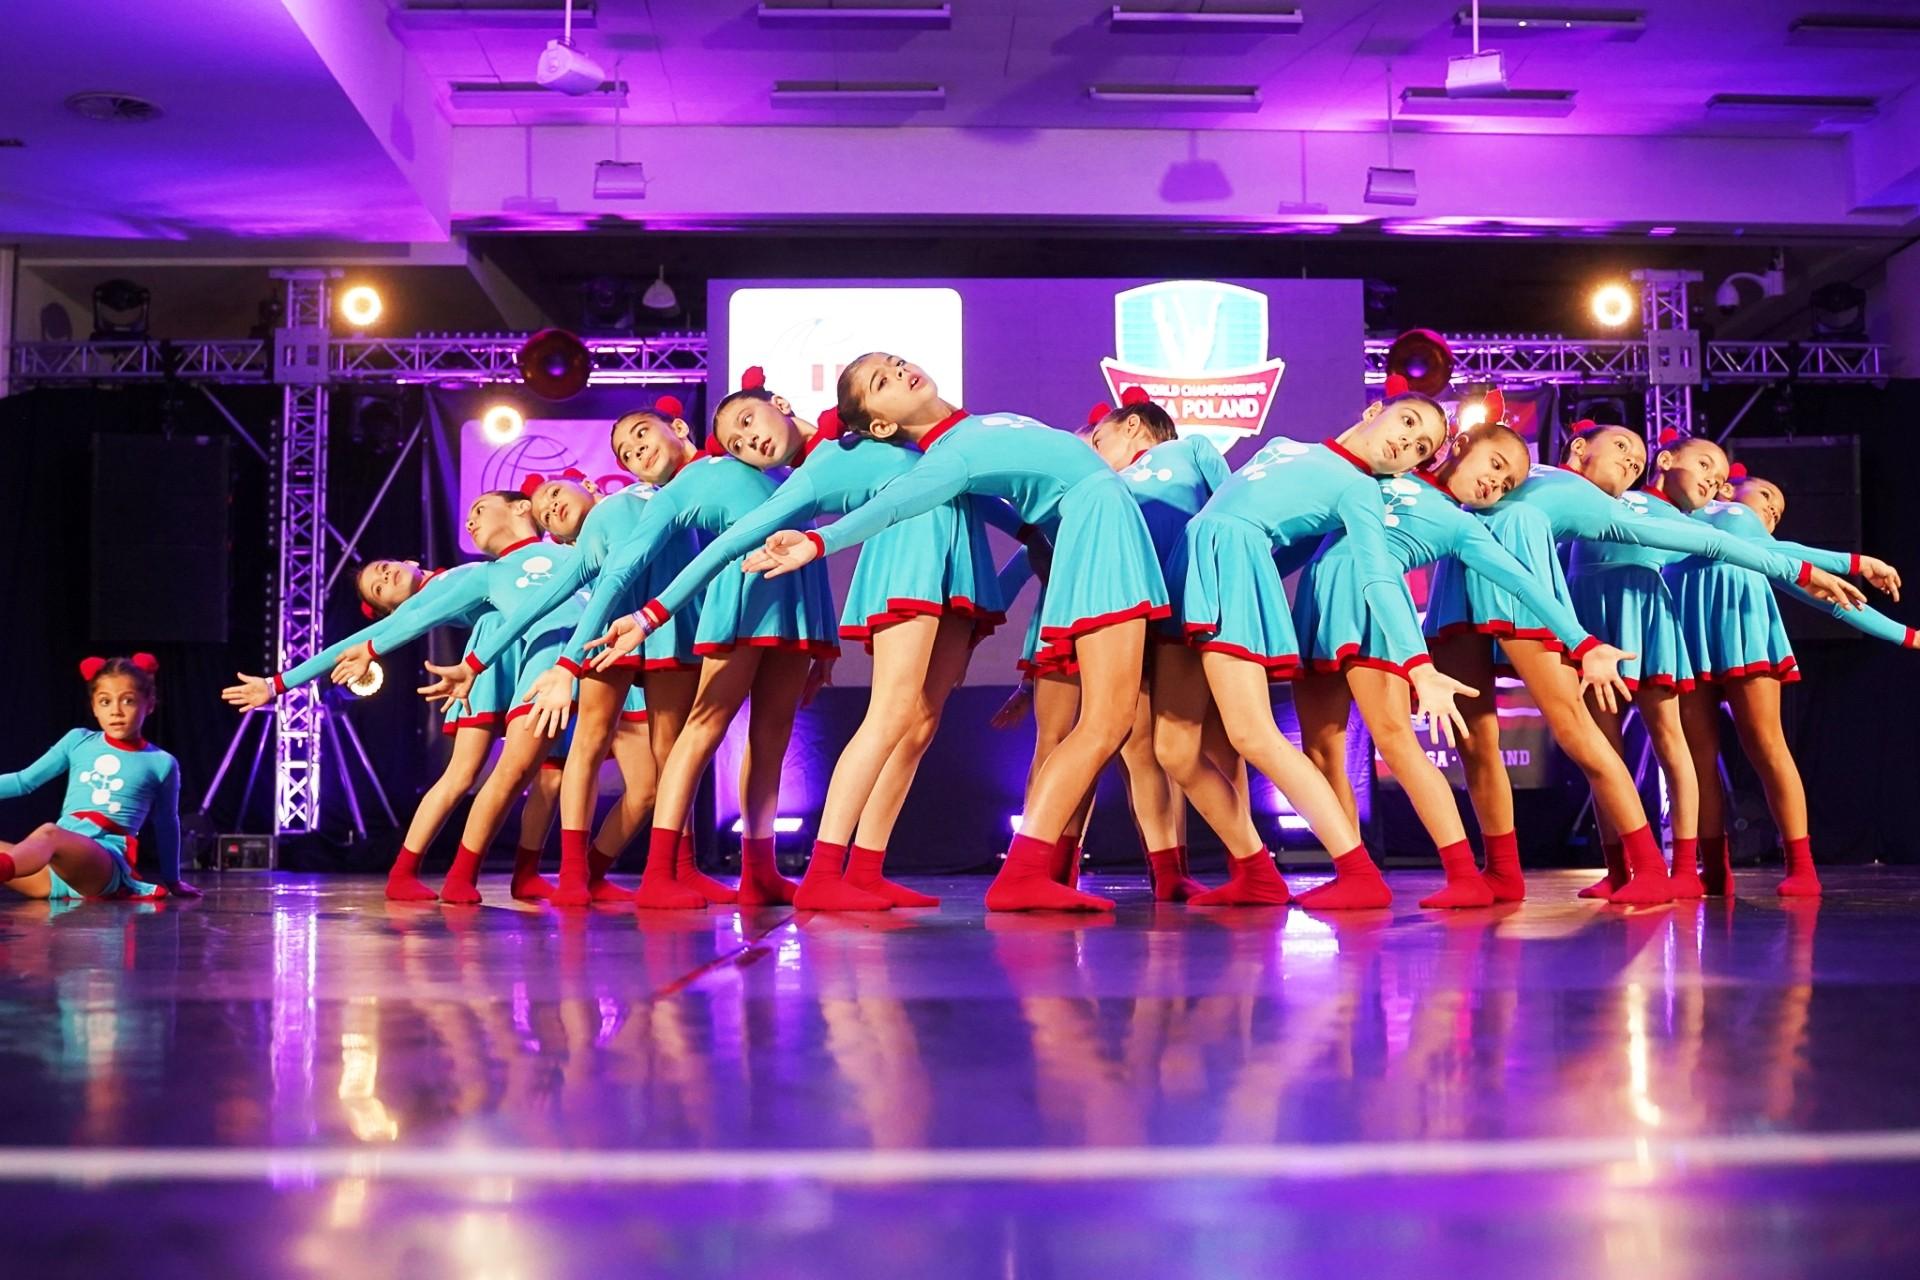 ido modern dans dünya Şampiyonası BODRUMLU DANSÇILAR DÜNYA ŞAMPİYONASINDAN DÖNDÜ… modern dans bodrum 2